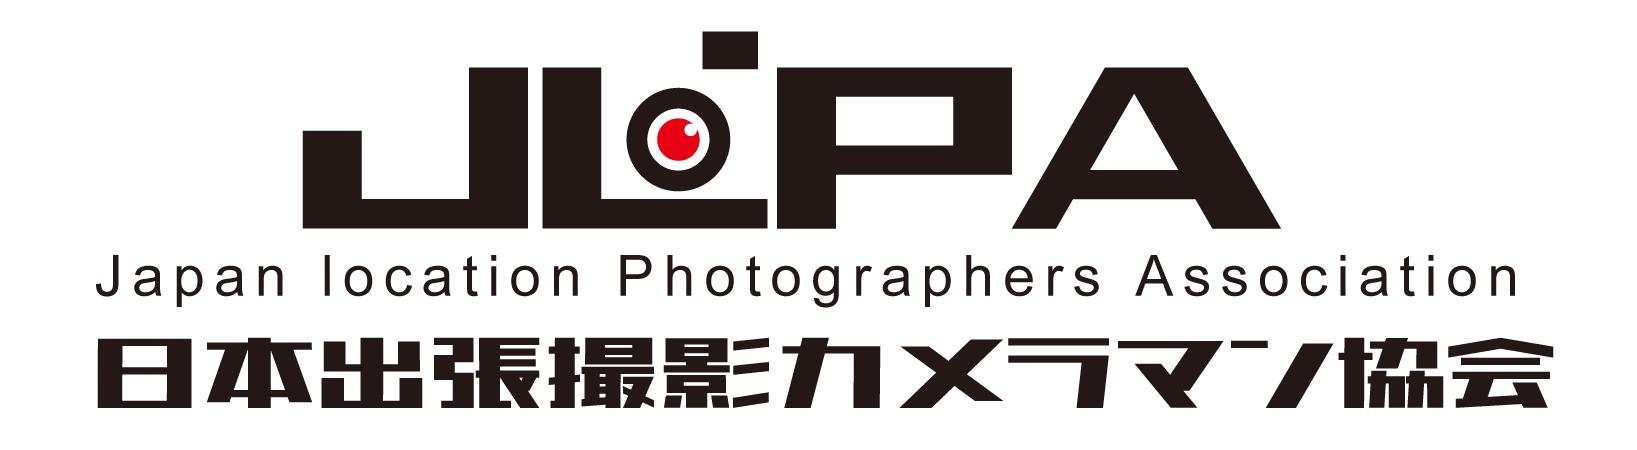 日本出張撮影カメラマン協会